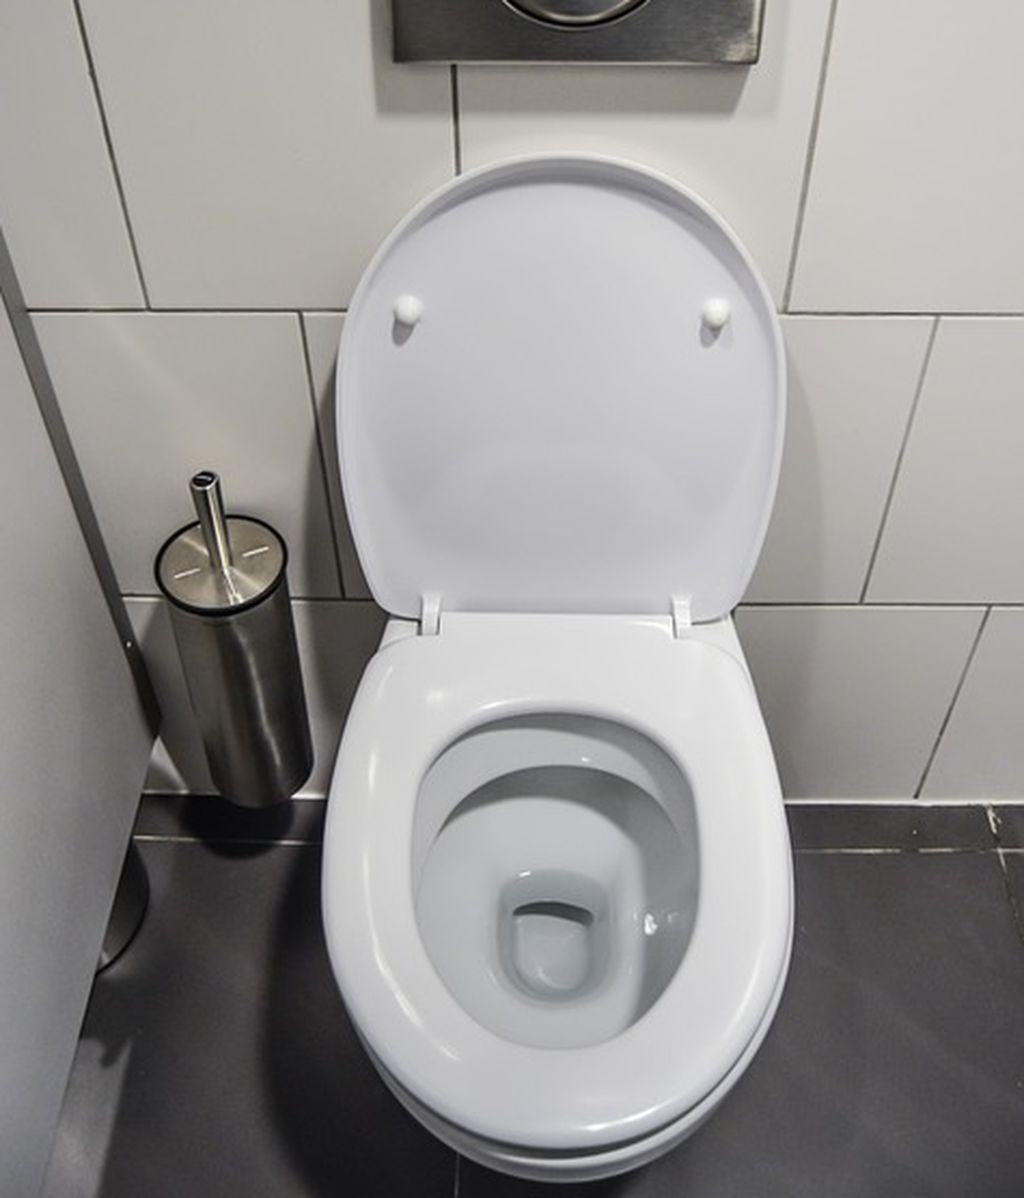 ¿Te pondrías el inodoro en la oreja? Haces algo siete veces más sucio